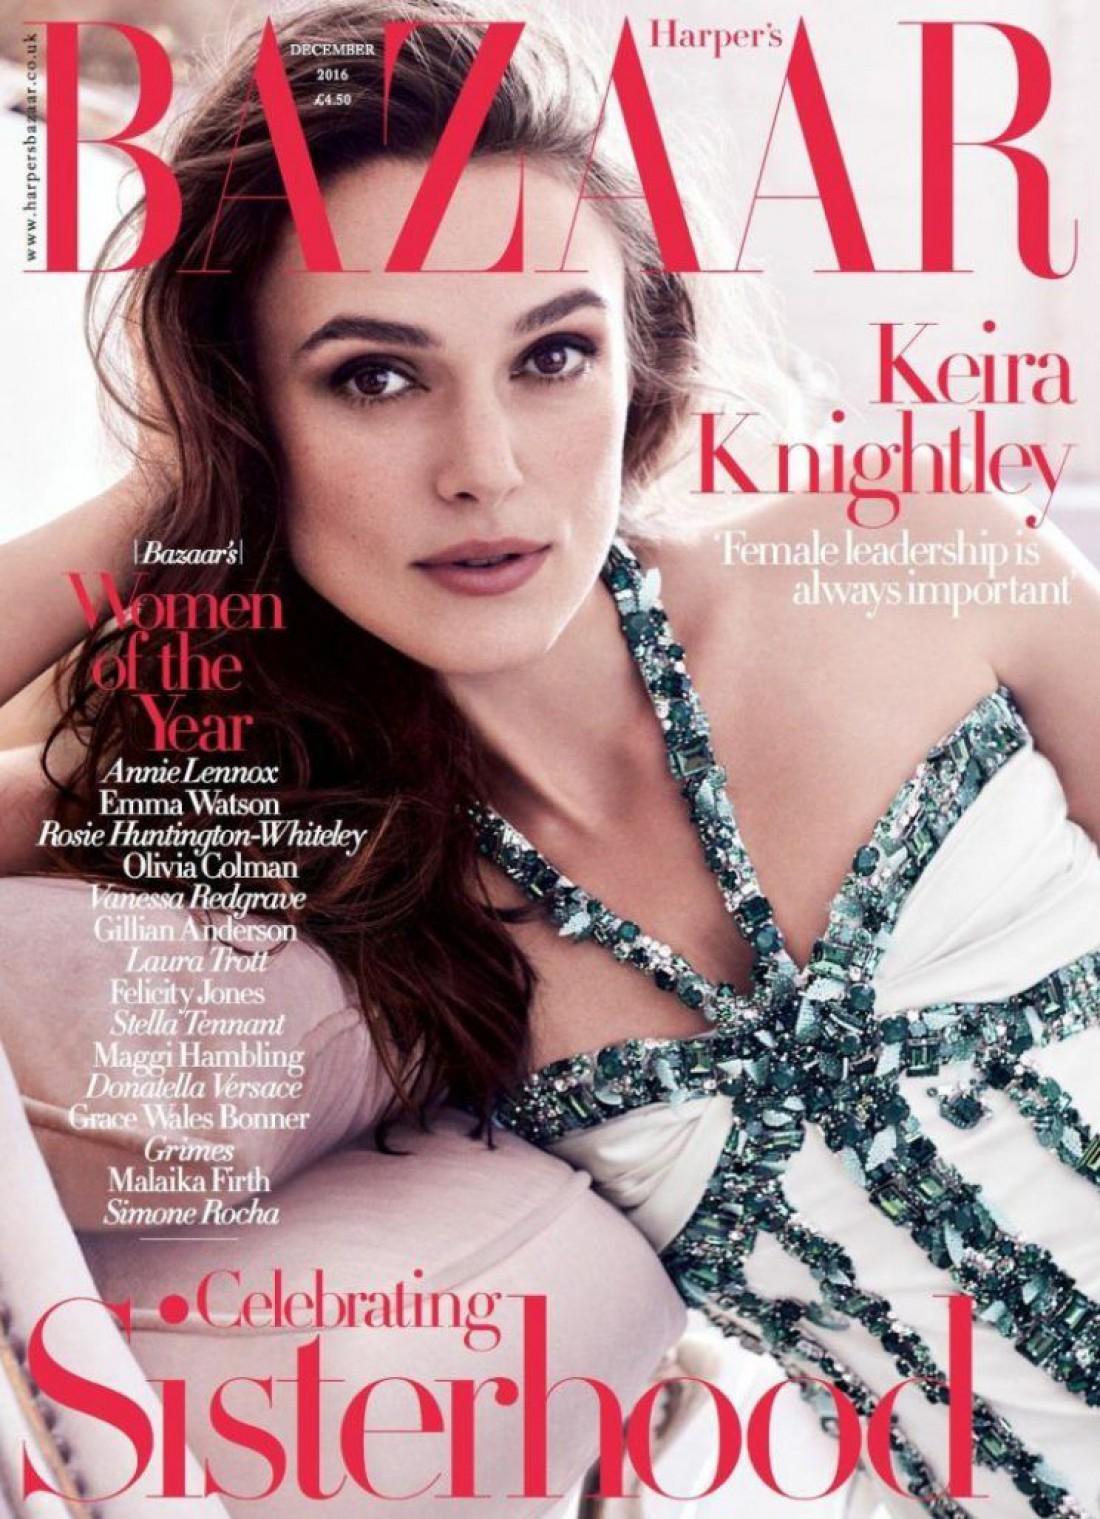 Кира Найтли в новой фотосессии Harper's Bazaar